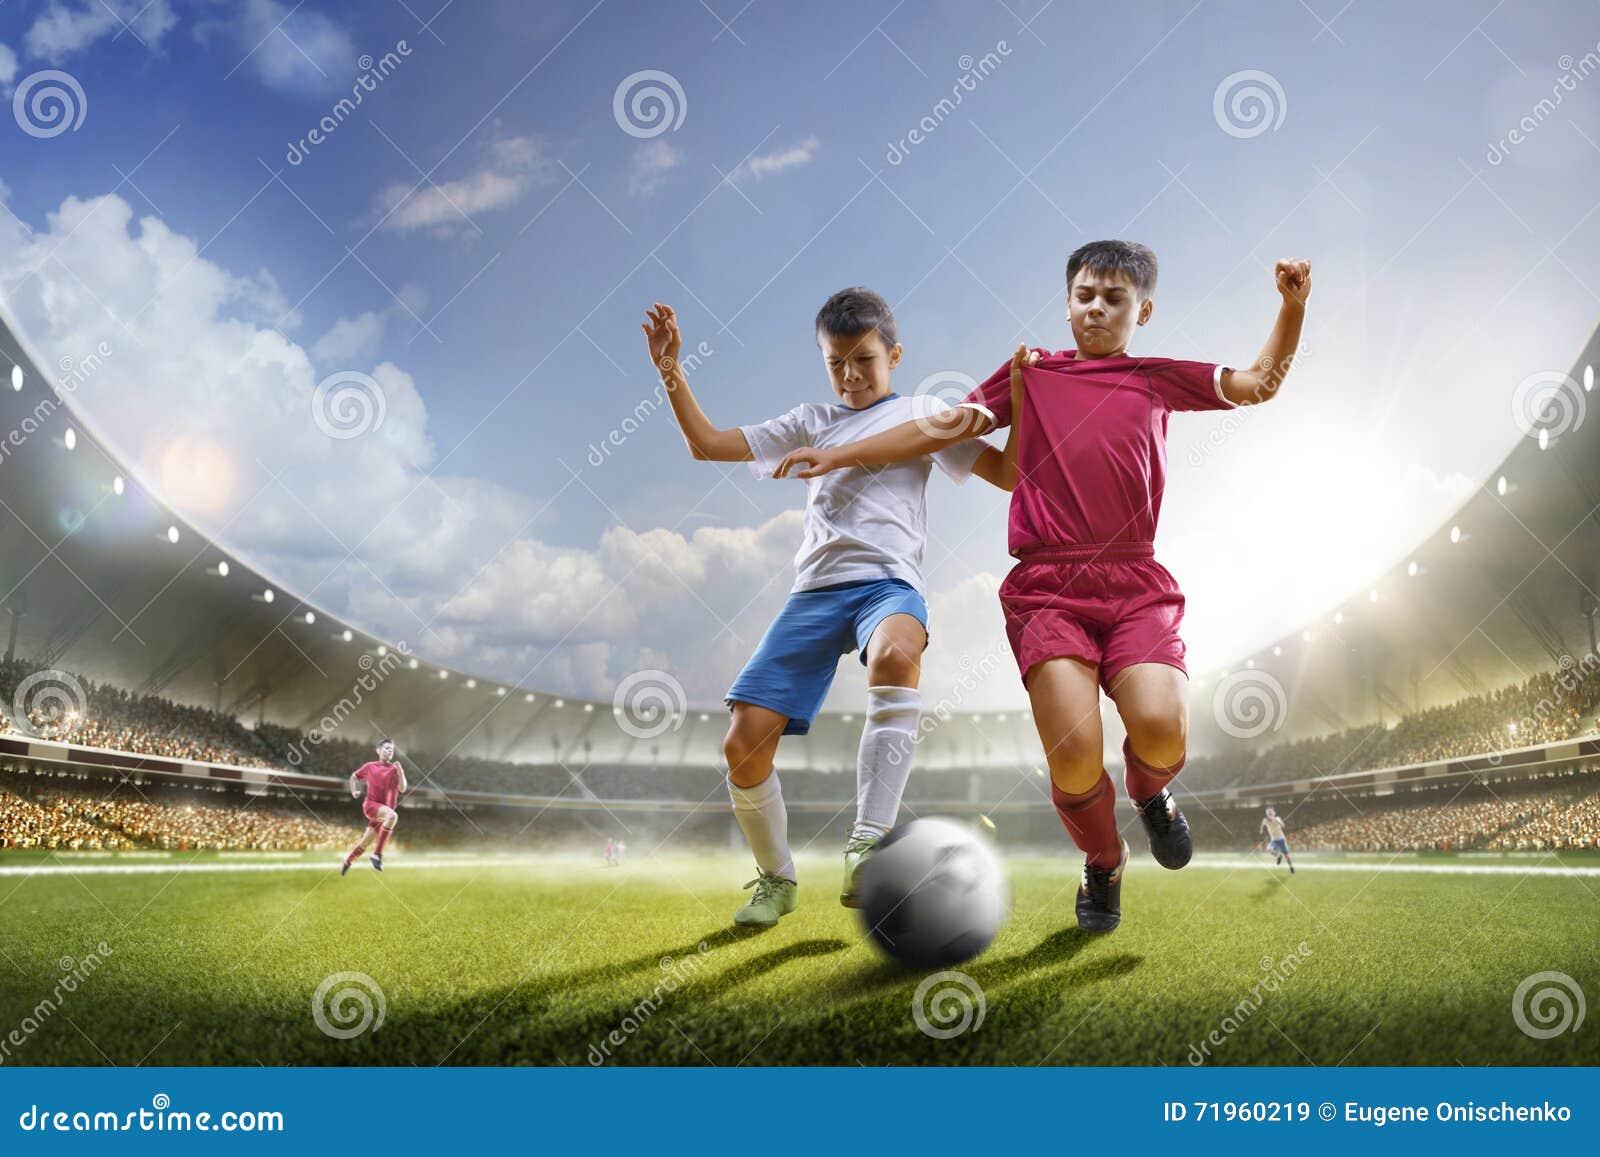 De kinderen spelen voetbal op grote arena